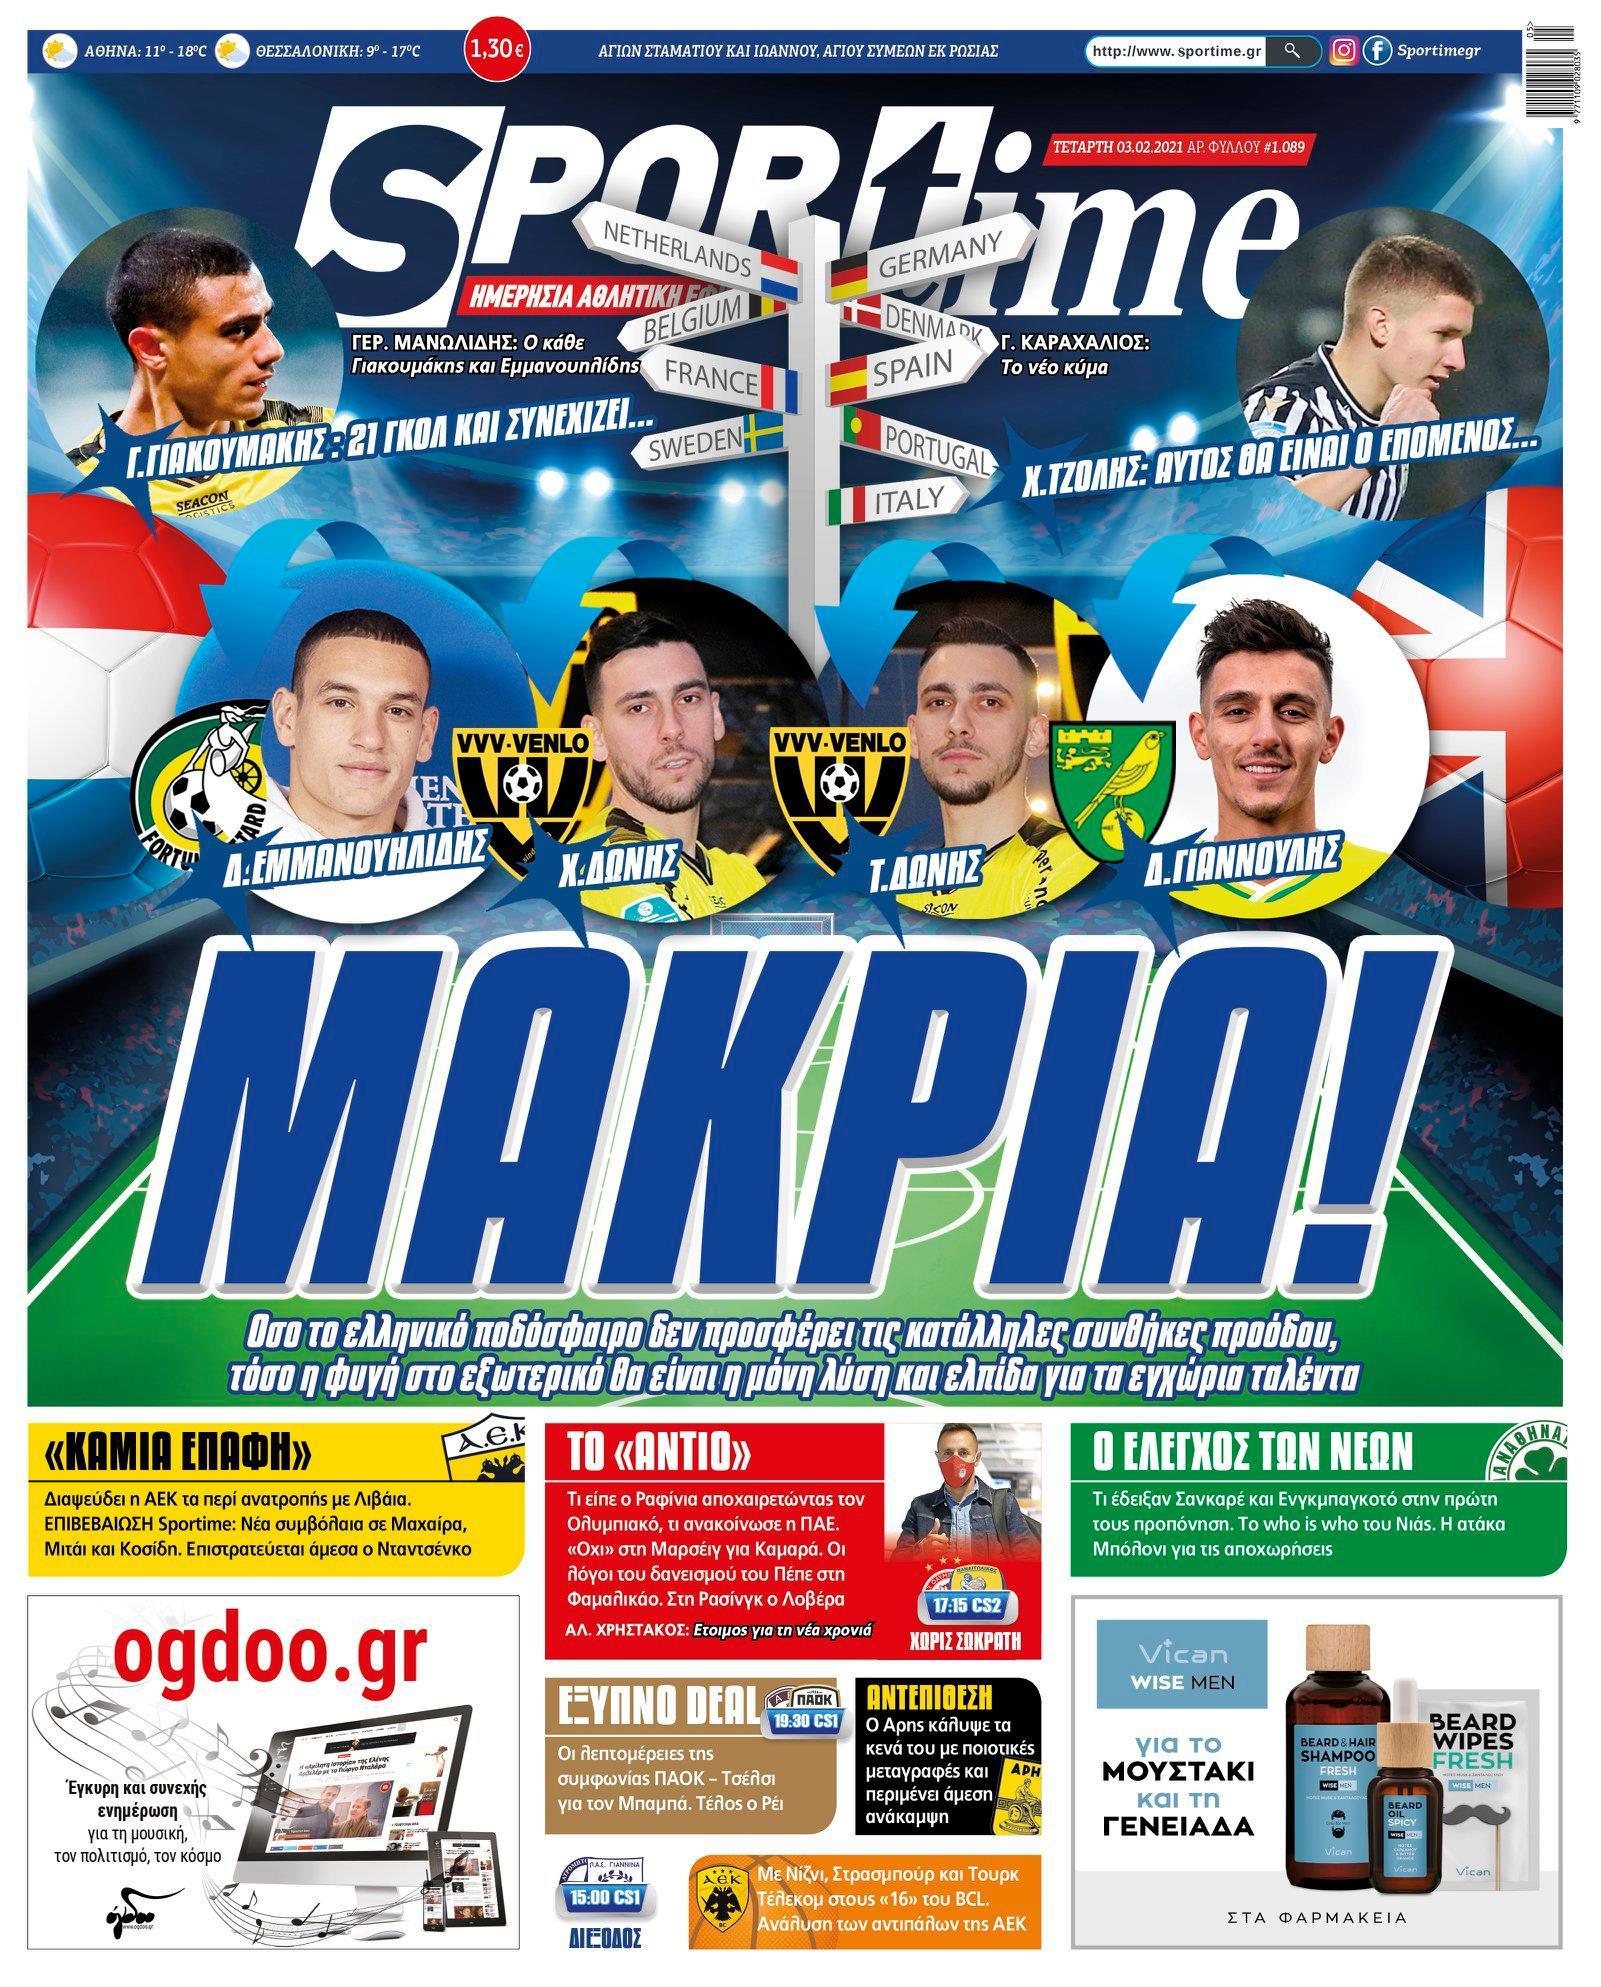 Εφημερίδα SPORTIME - Εξώφυλλο φύλλου 3/2/2021